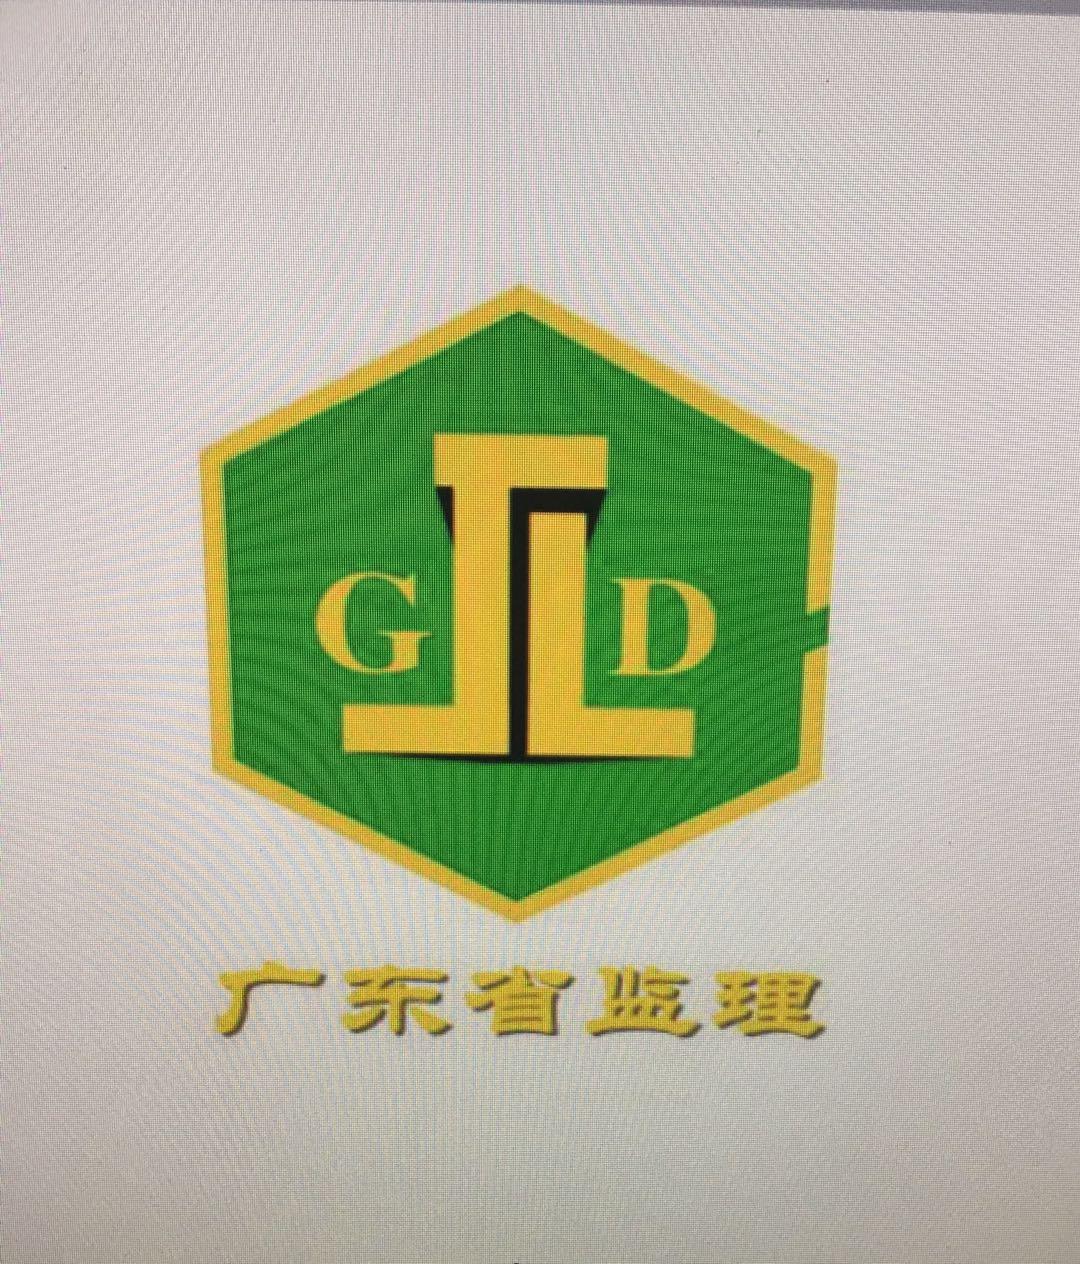 广东省建筑工程监理有限公司惠州分部